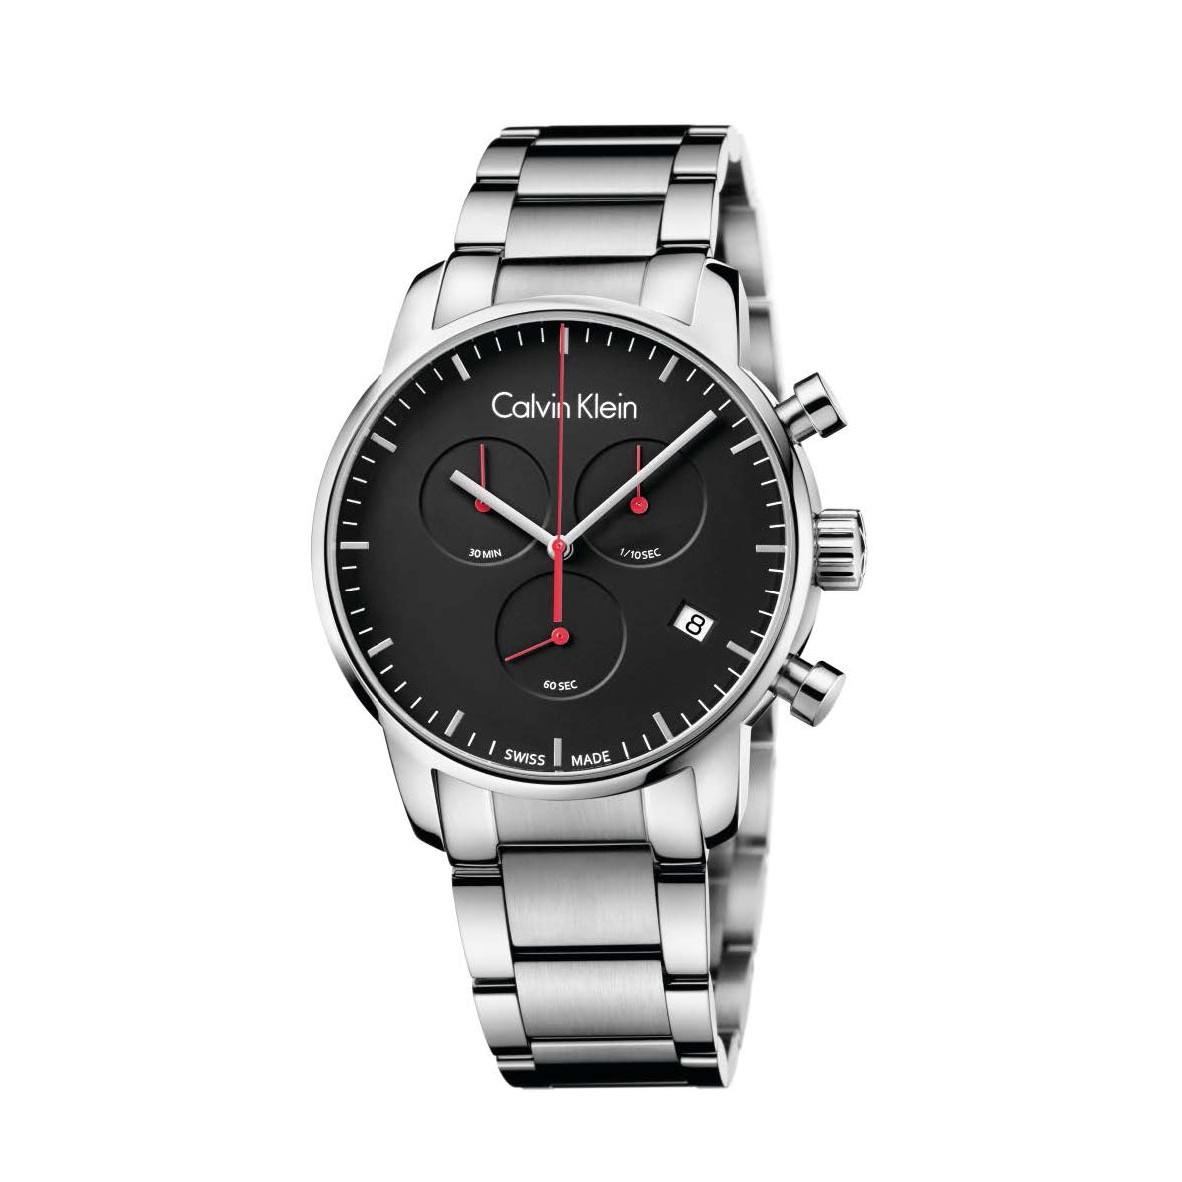 Đồng hồ Calvin Klein K2G27141 Nam 43mm, Quartz (Pin), Thép không gỉ